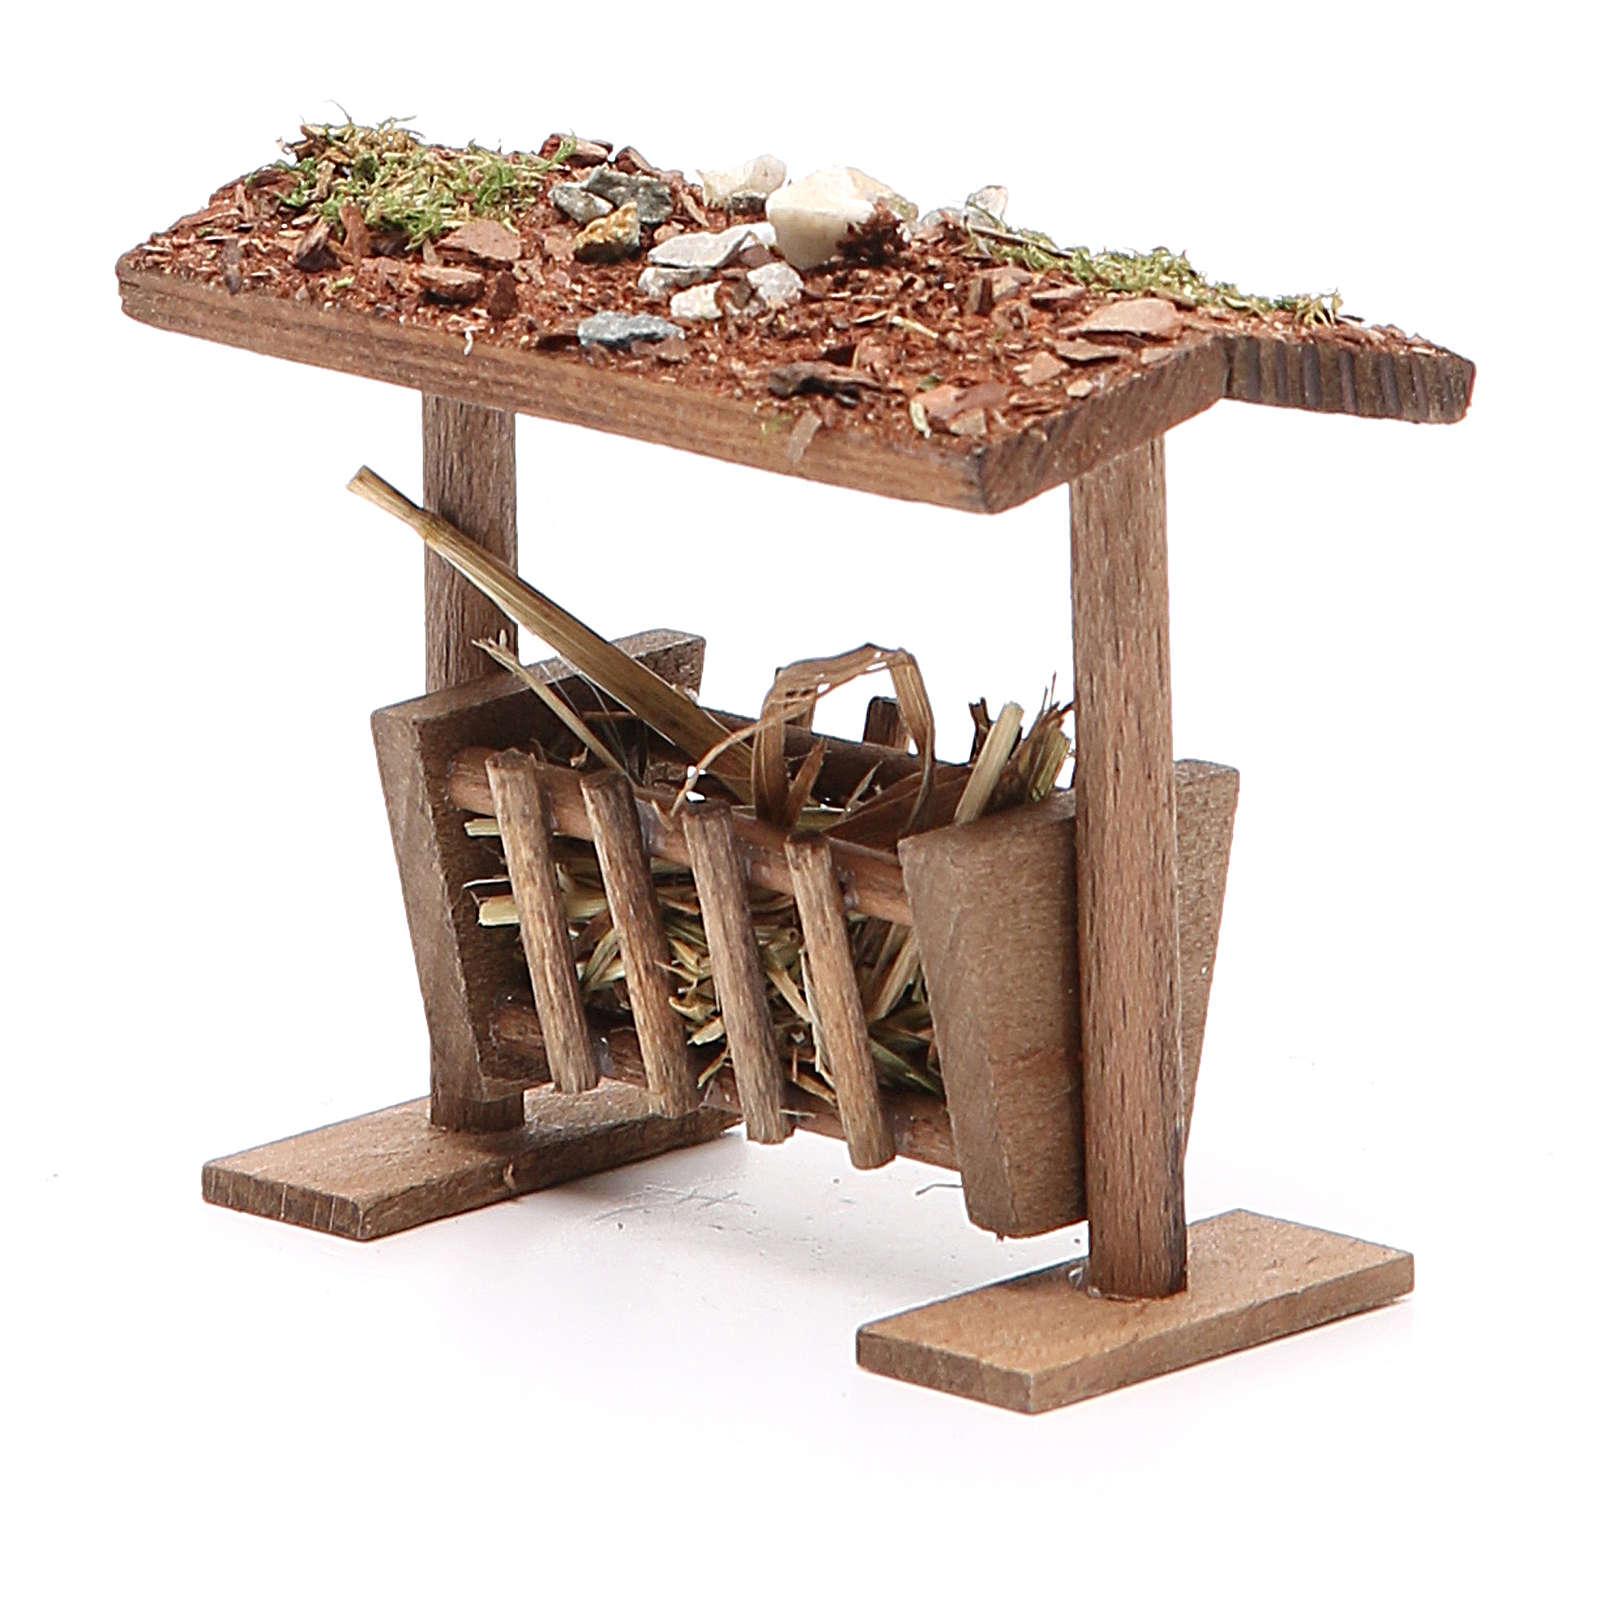 Mangeoire avec toit et foin crèche 6,5x8,5x9 cm | vente en ligne